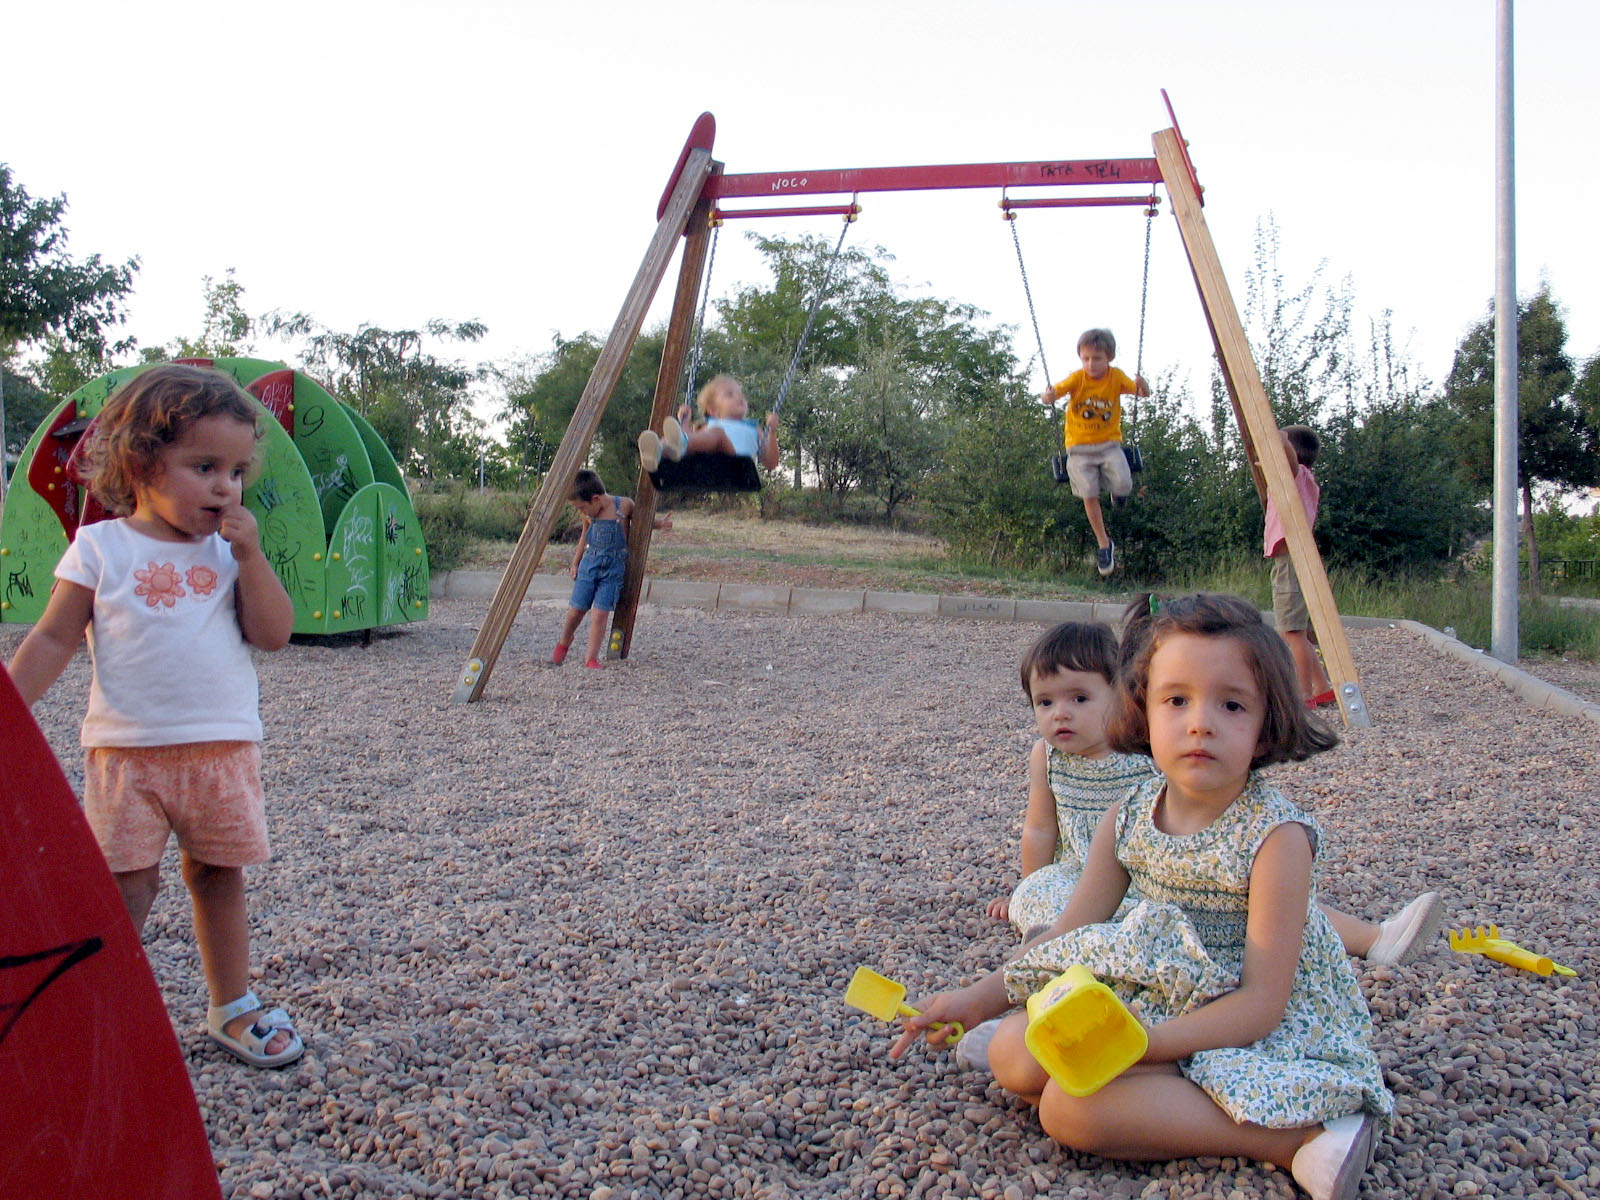 Un oasis llamado parque infantil juegos de ni os blogs for Parques ninos barcelona